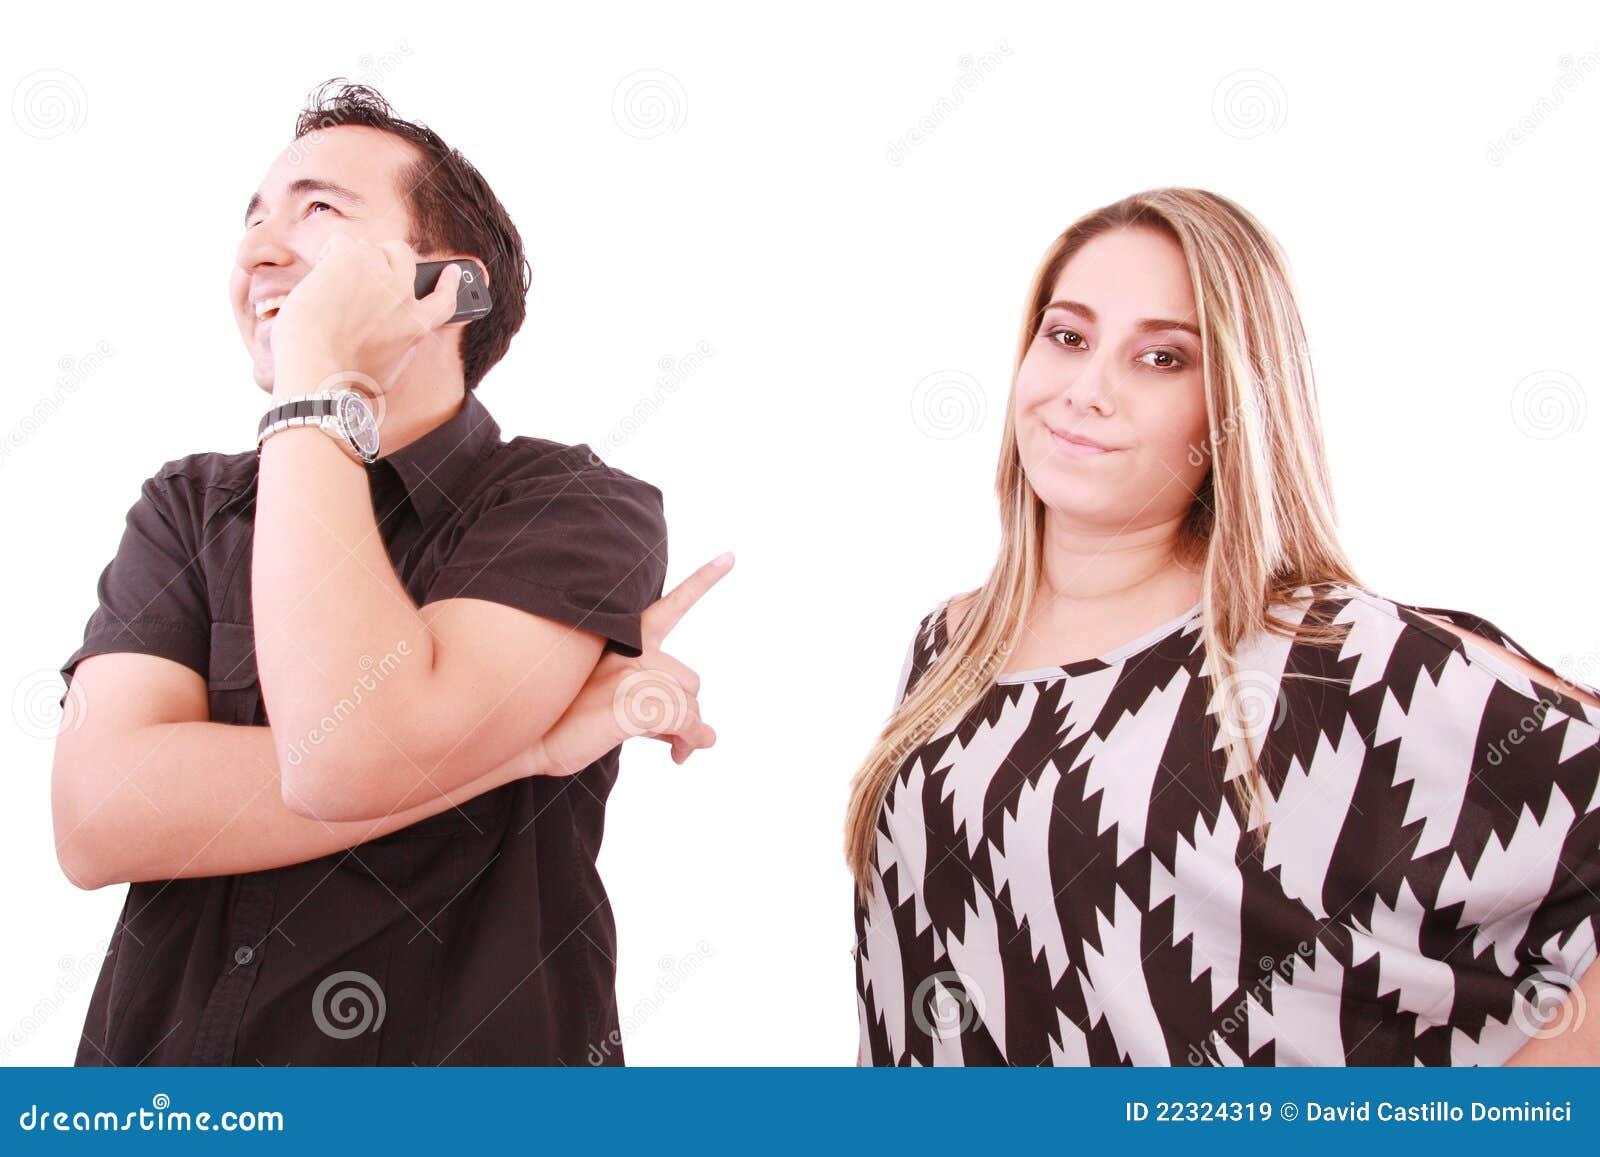 Разговаривает с мужем по телефону 1 фотография